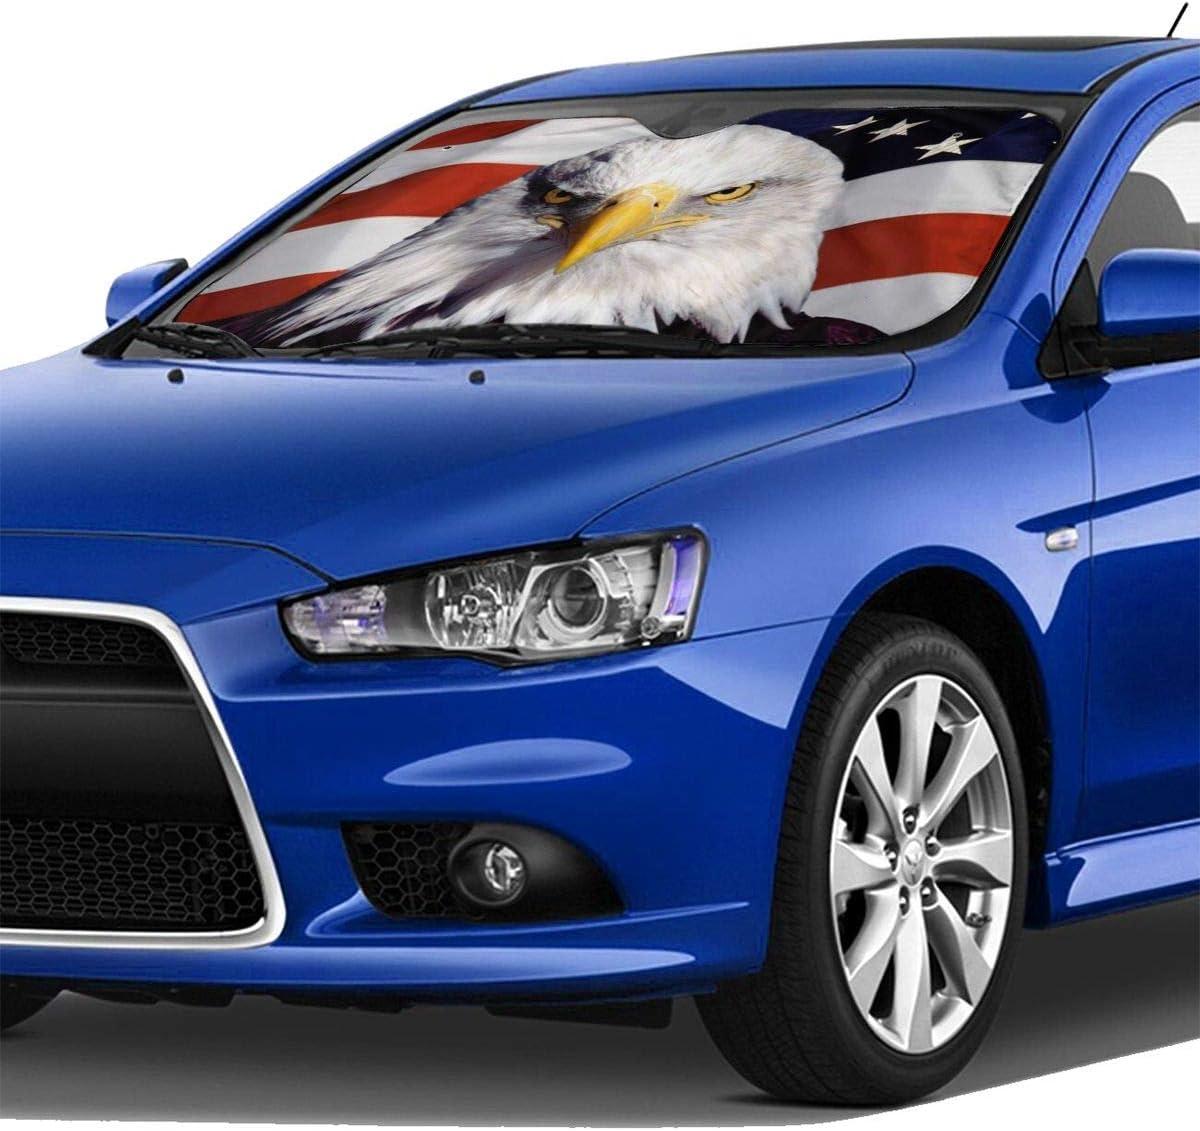 Bald Eagle Windschutzscheiben Sonnenschutz Für Auto Suv Lkw 129 5 X 69 8 Cm Faltbar Uv Strahlen Reflektor Frontscheibe Auto